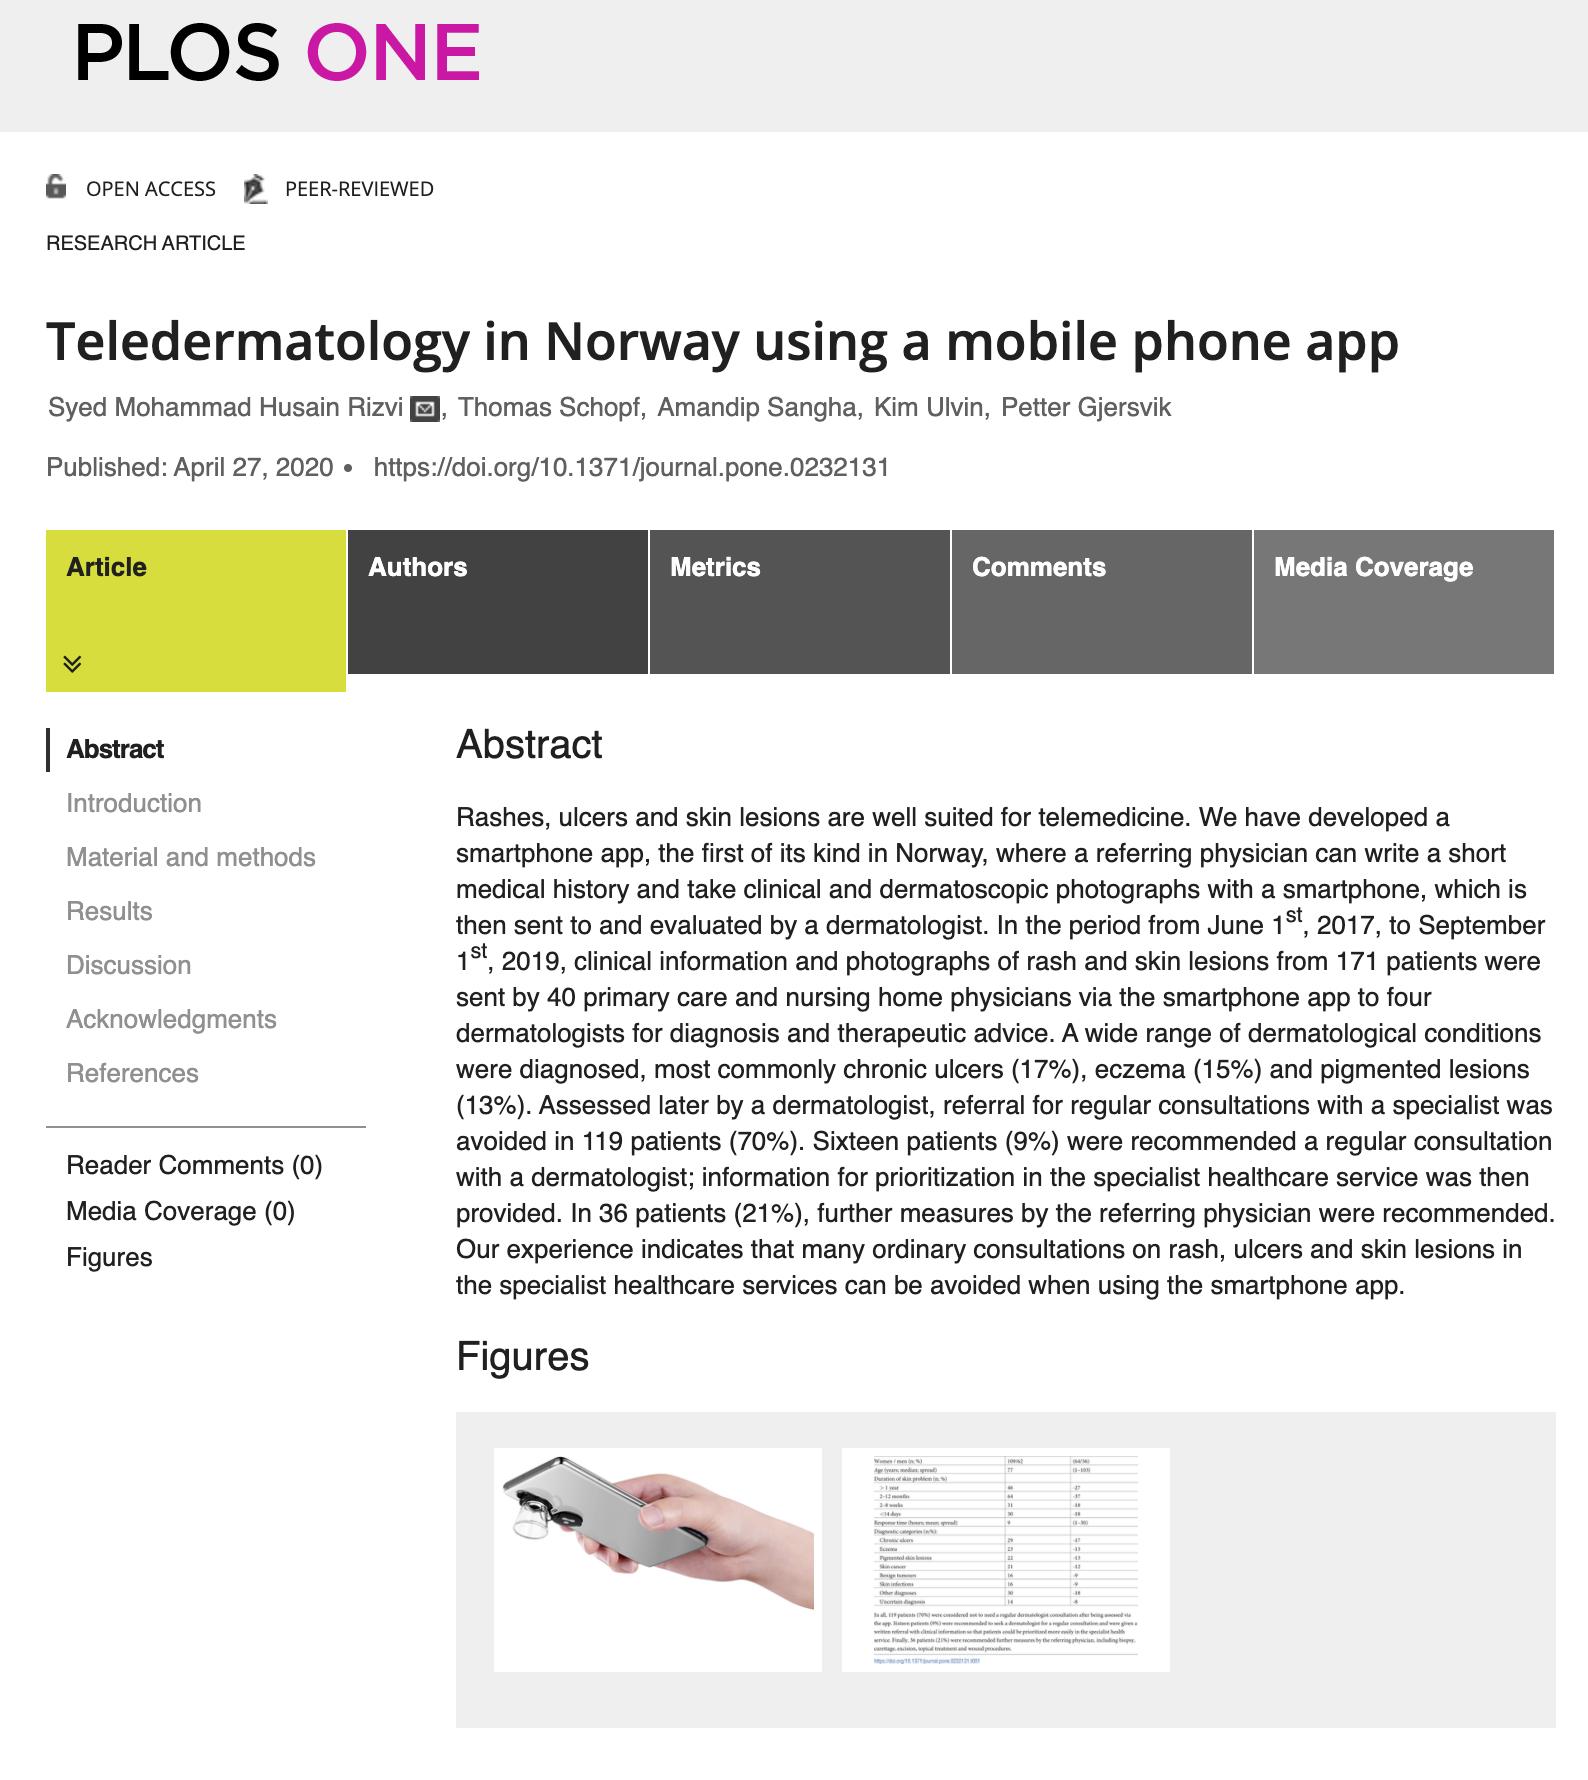 Publisert vitenskapelig artikkel om teledermatologi i Norge